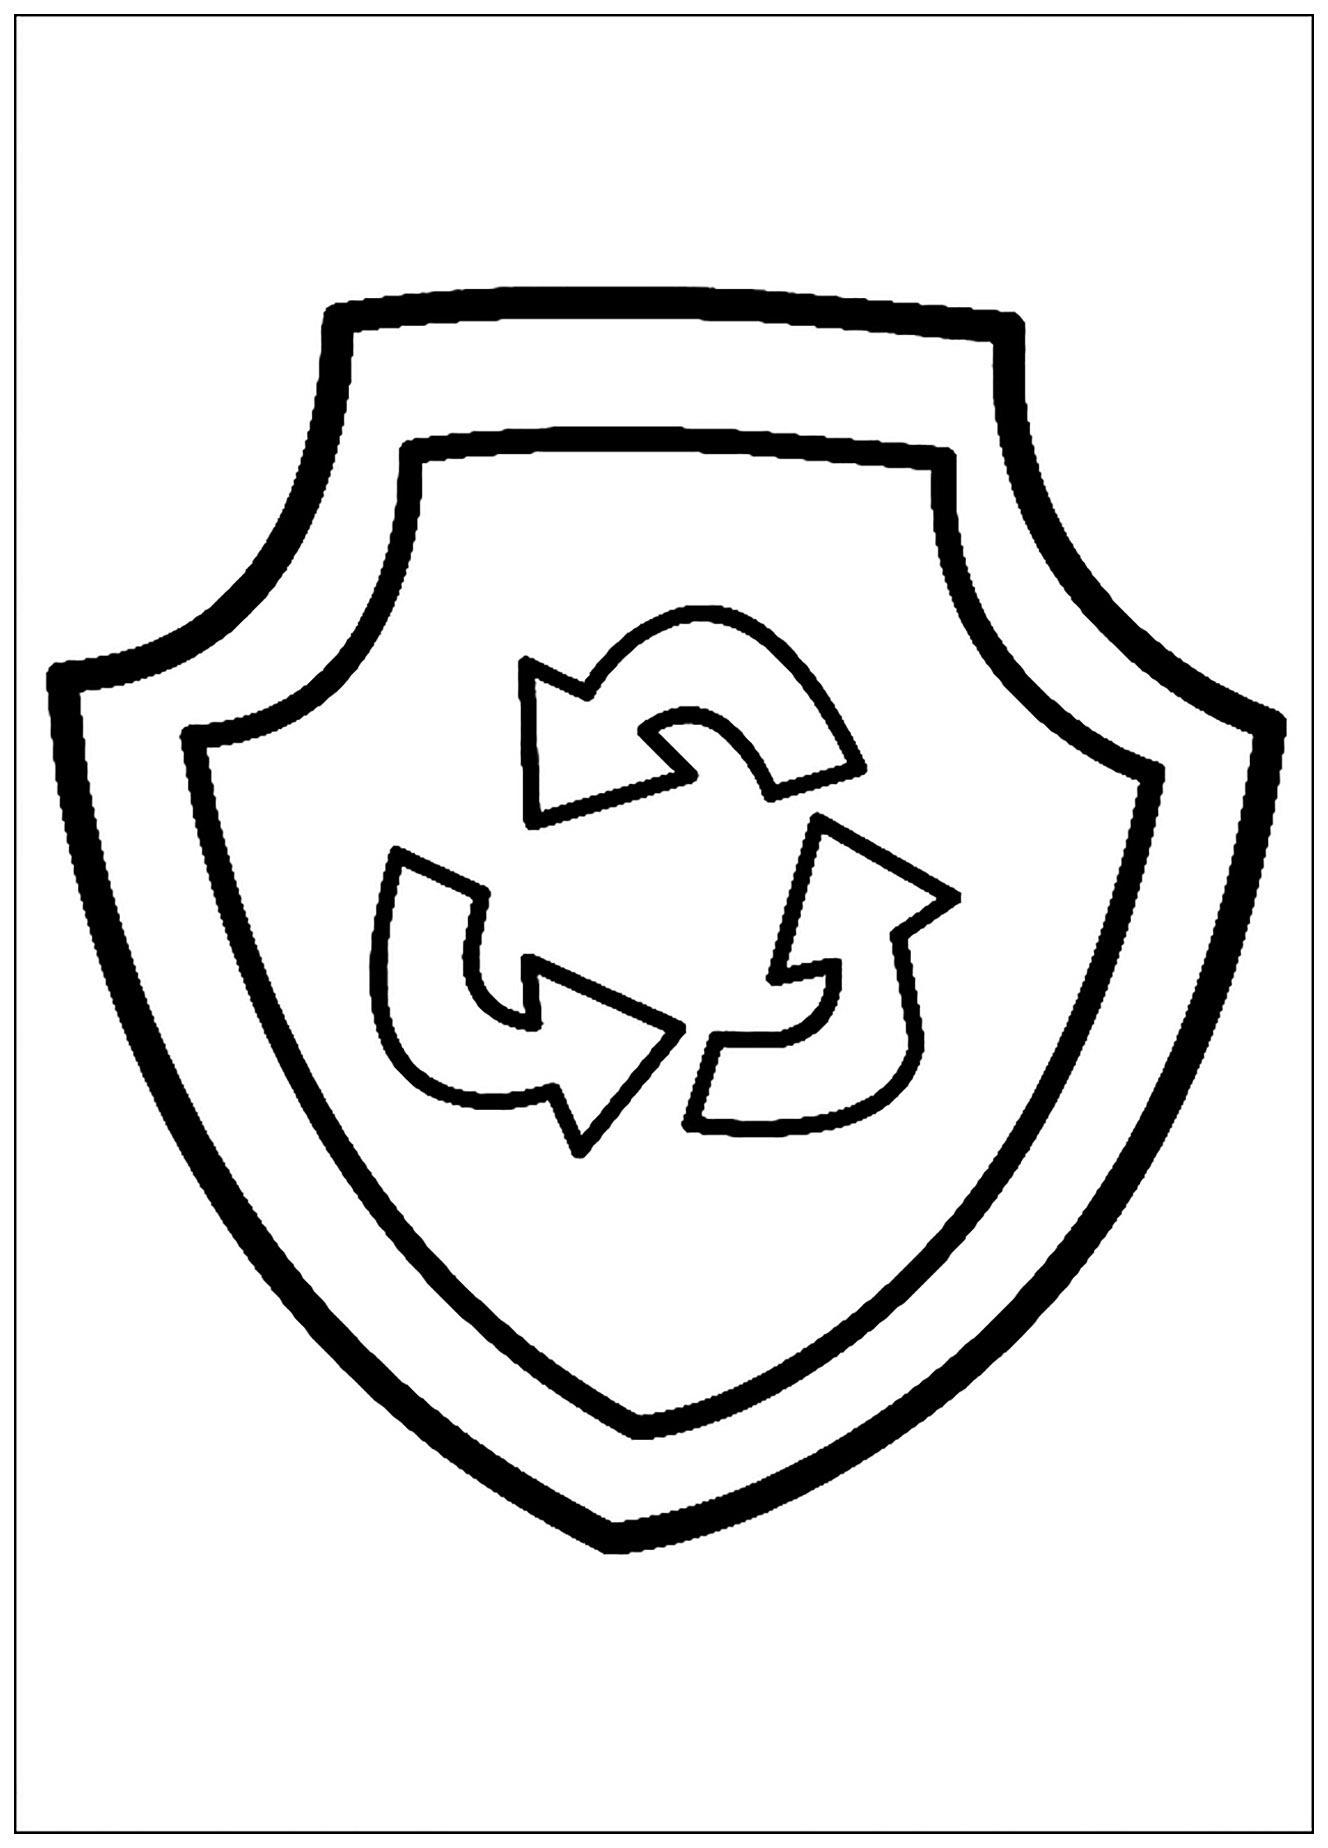 La kings logo coloring coloring pages - Coloriage pat patrouille ...